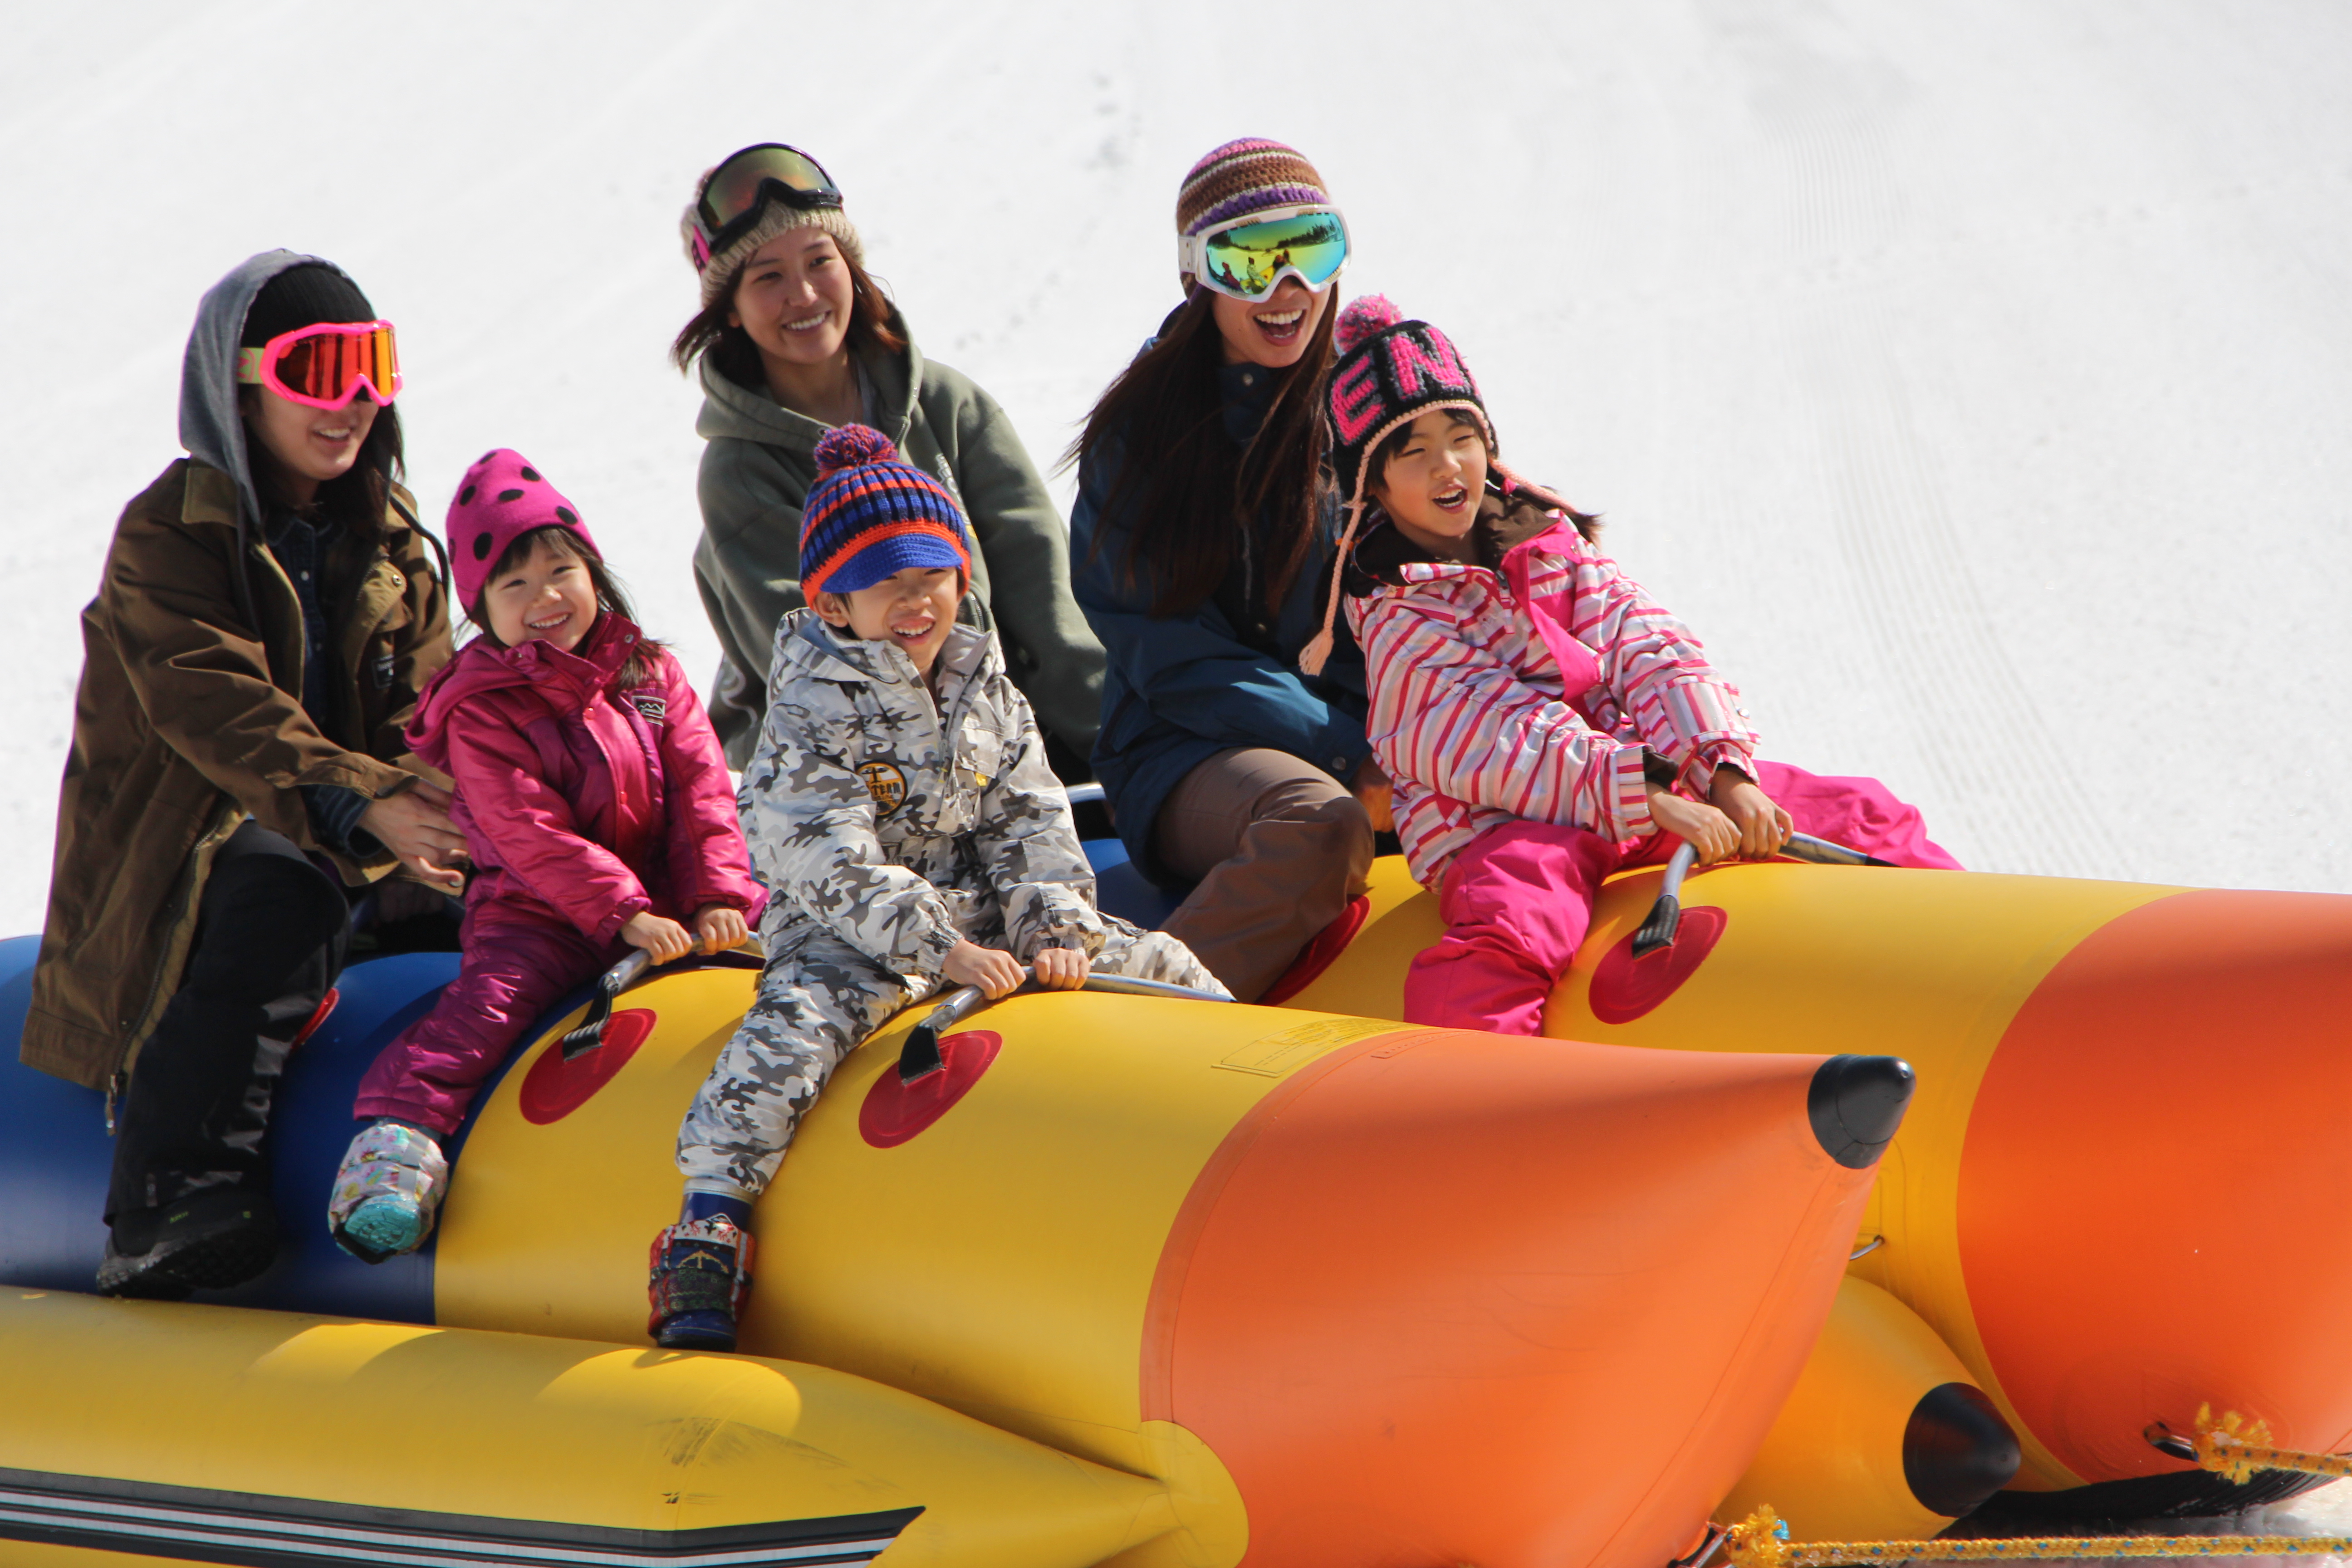 雪上バナナボートで 盛り上がろう!